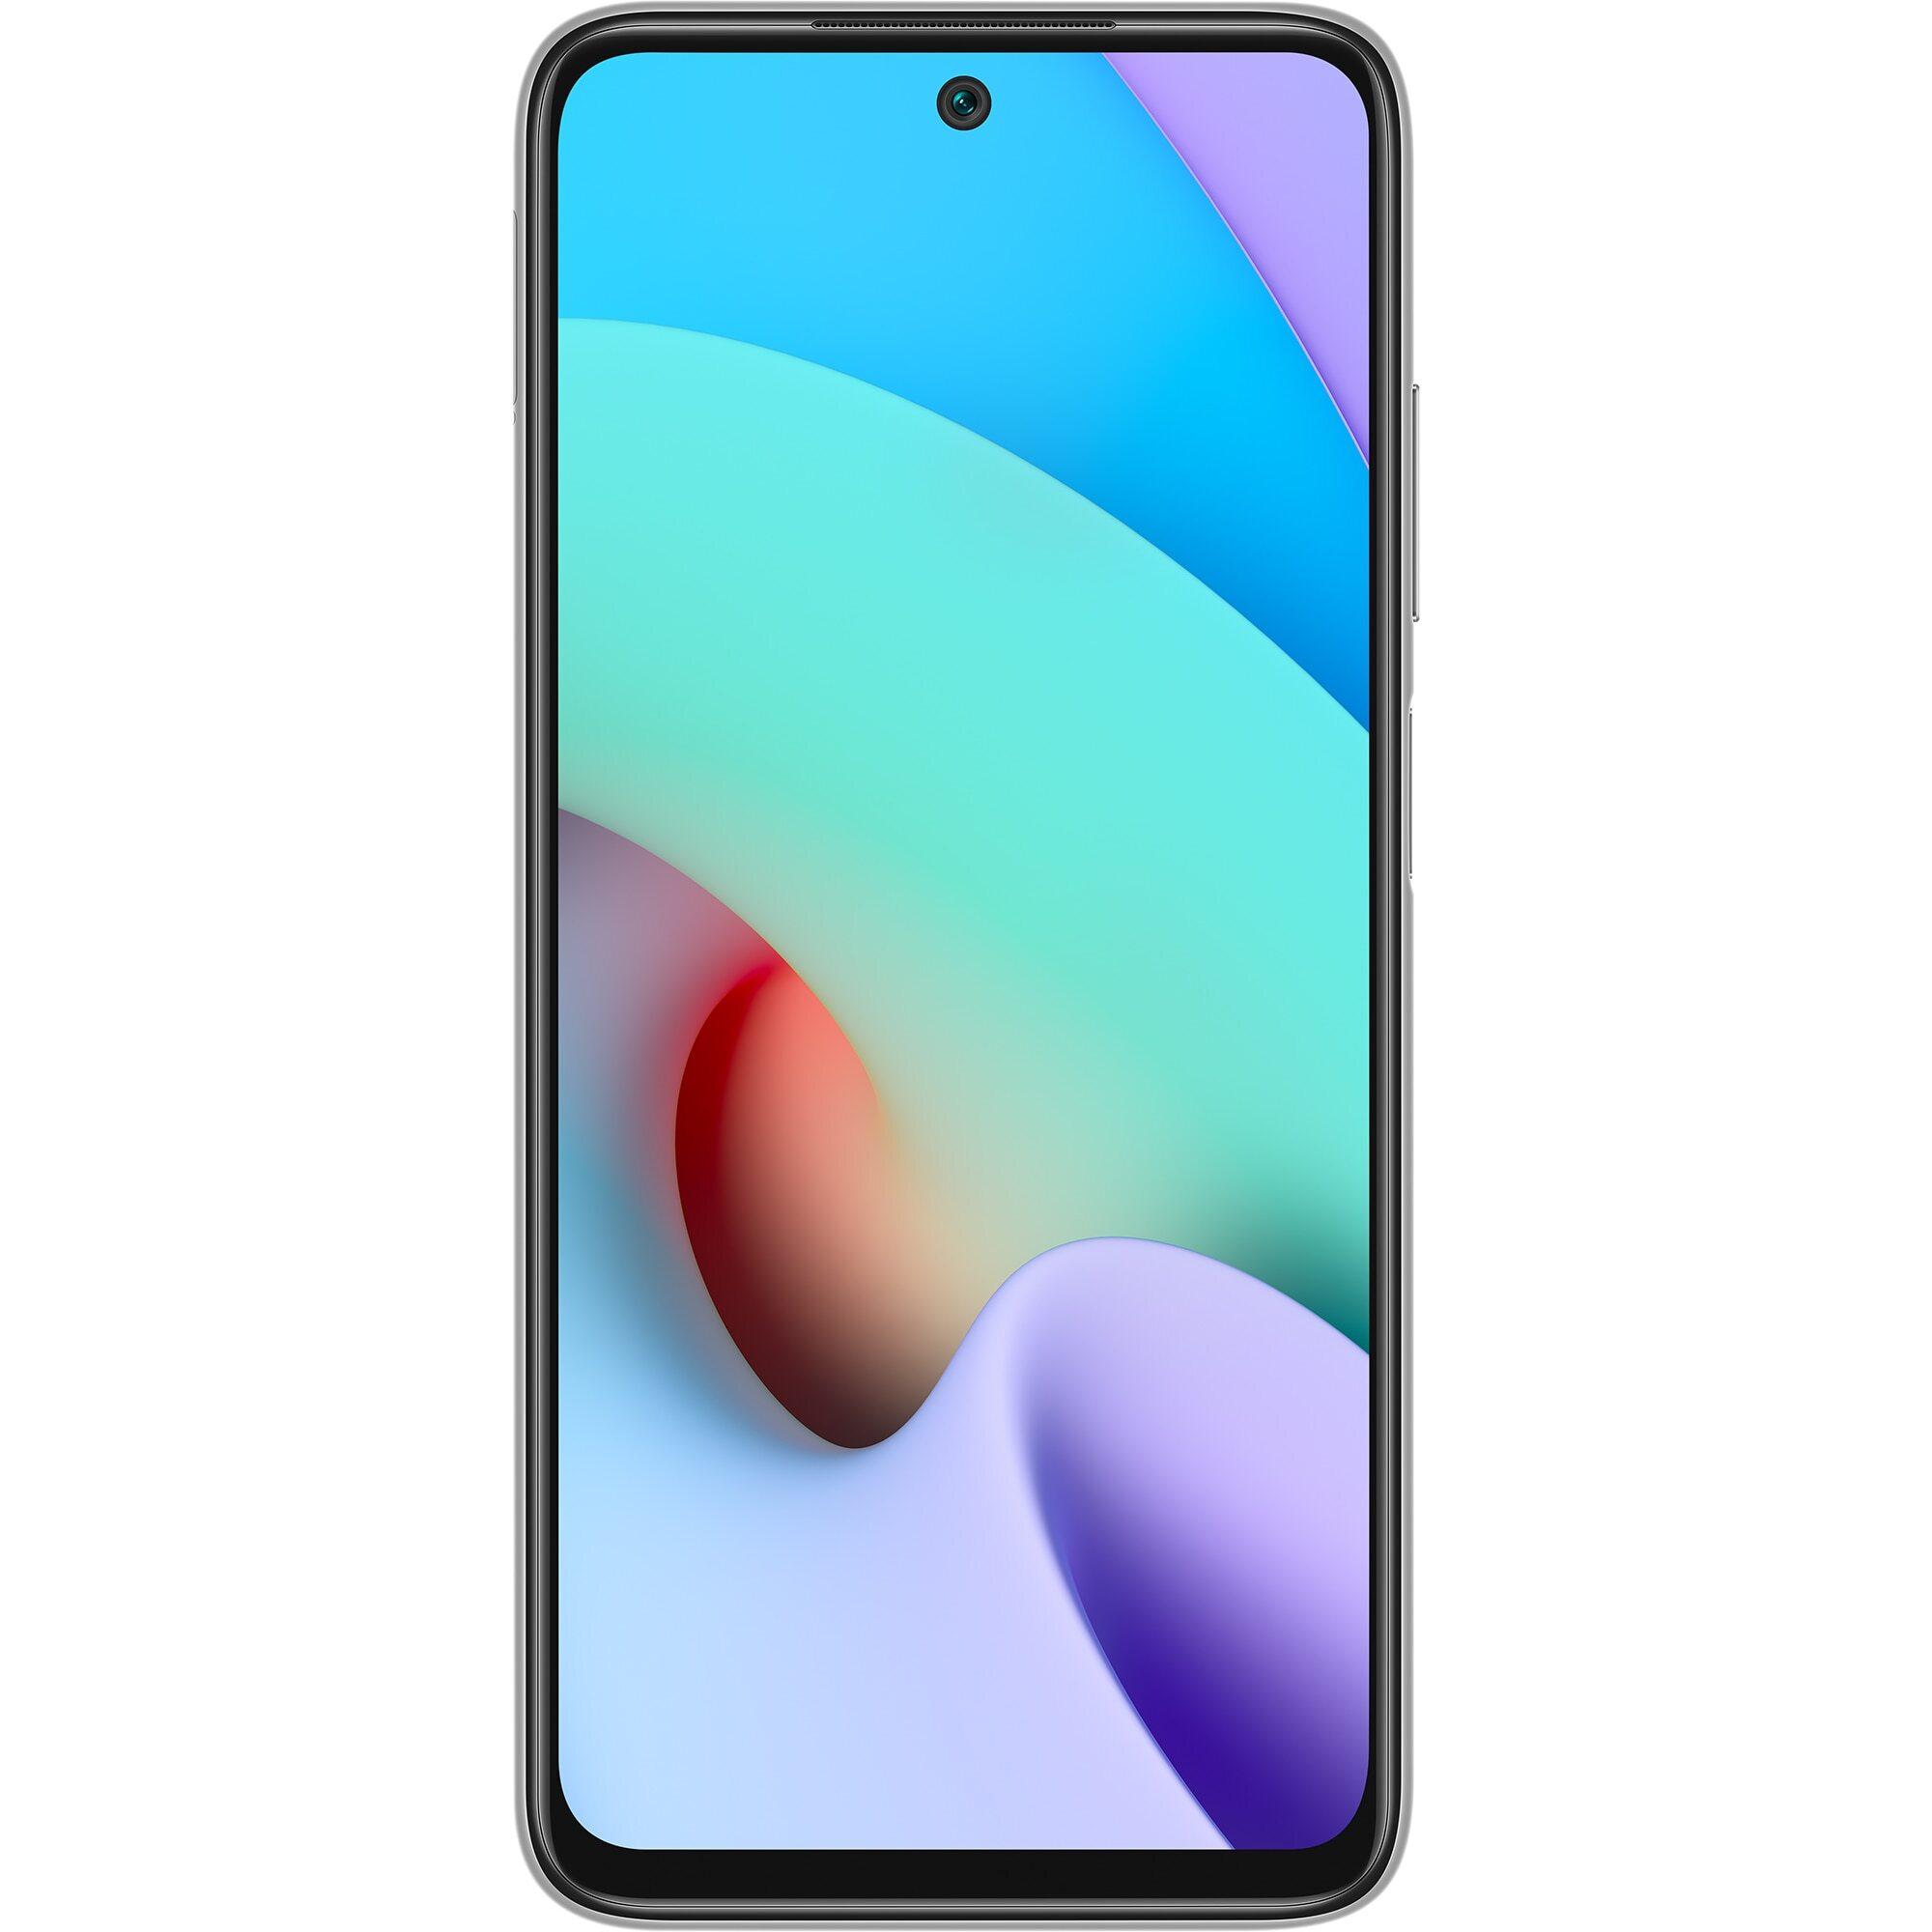 Telefon mobil Xiaomi Redmi 10, Dual SIM, 128GB, 6GB RAM, 4G, Pebble White